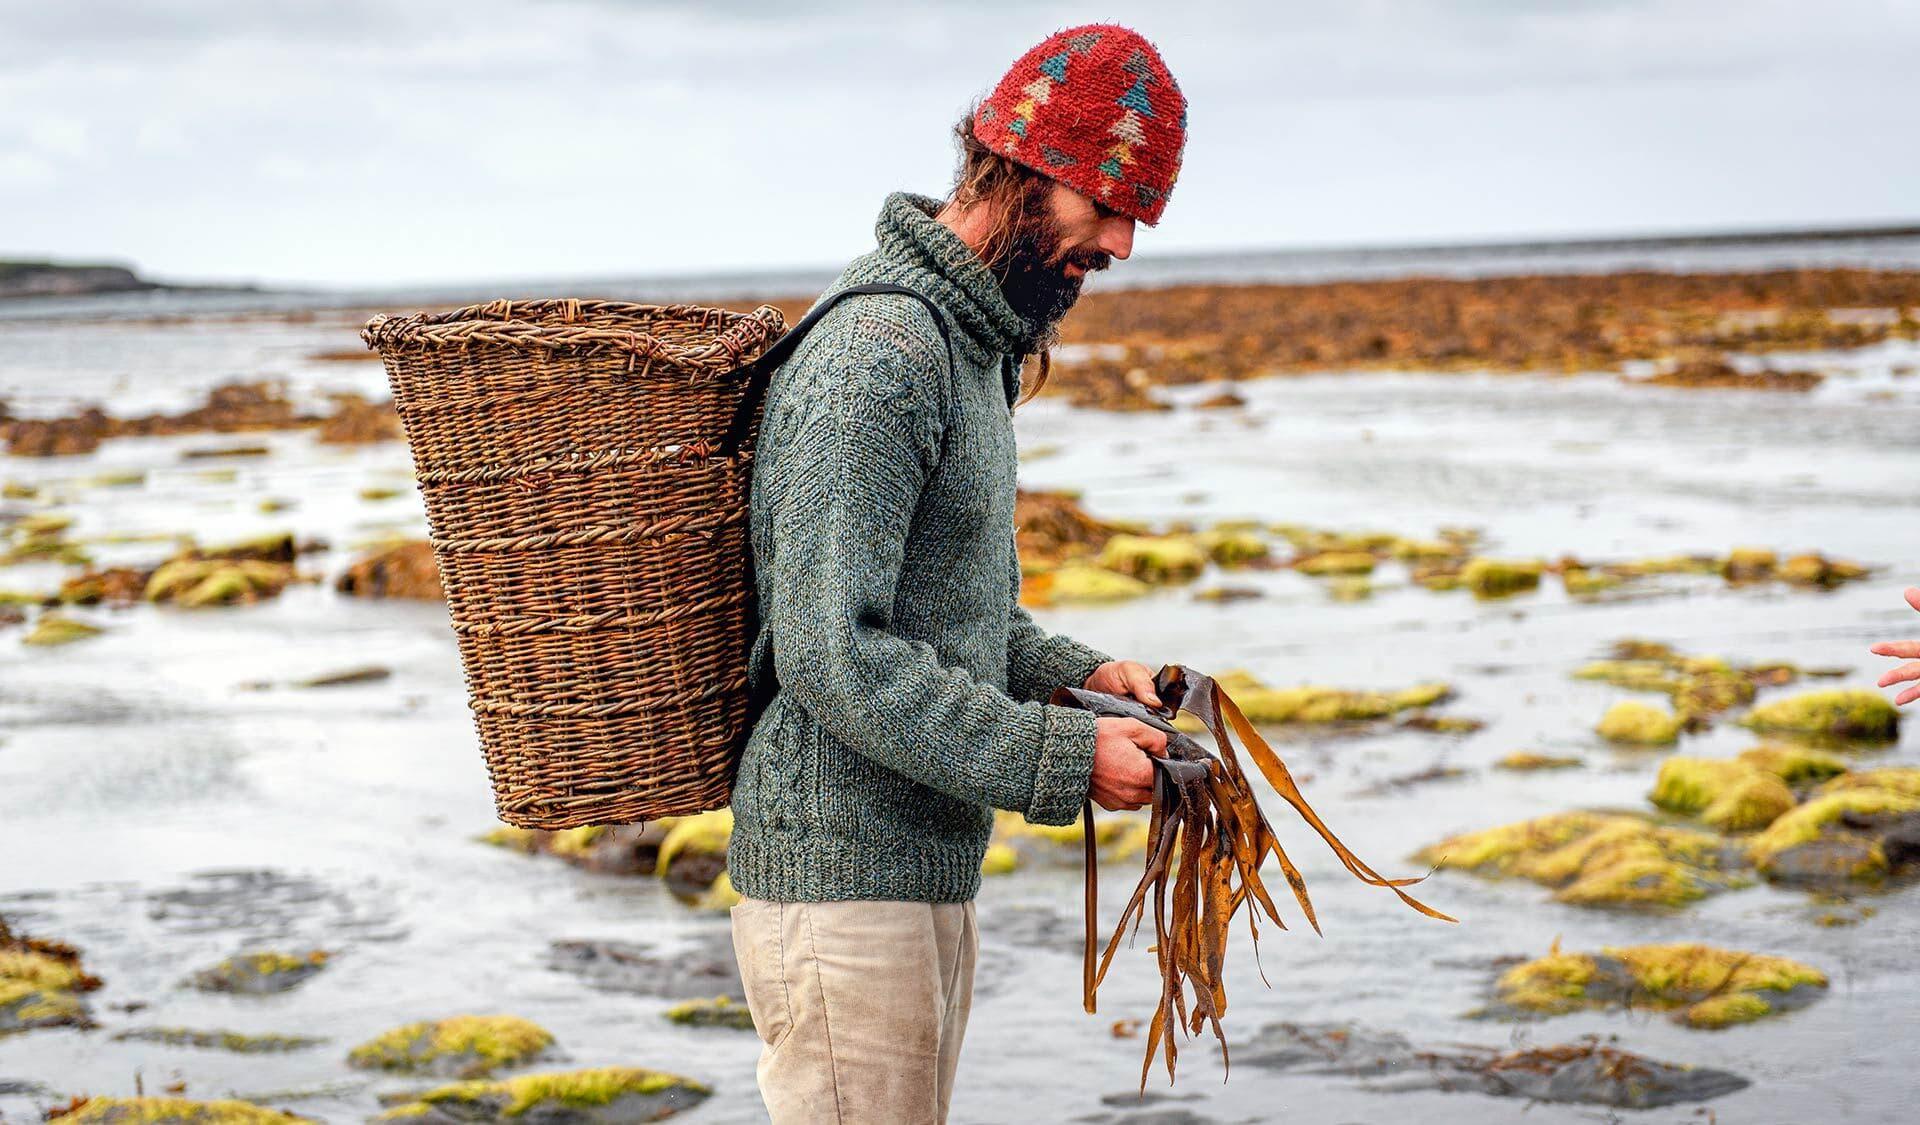 Mann sammelt Algen am Strand